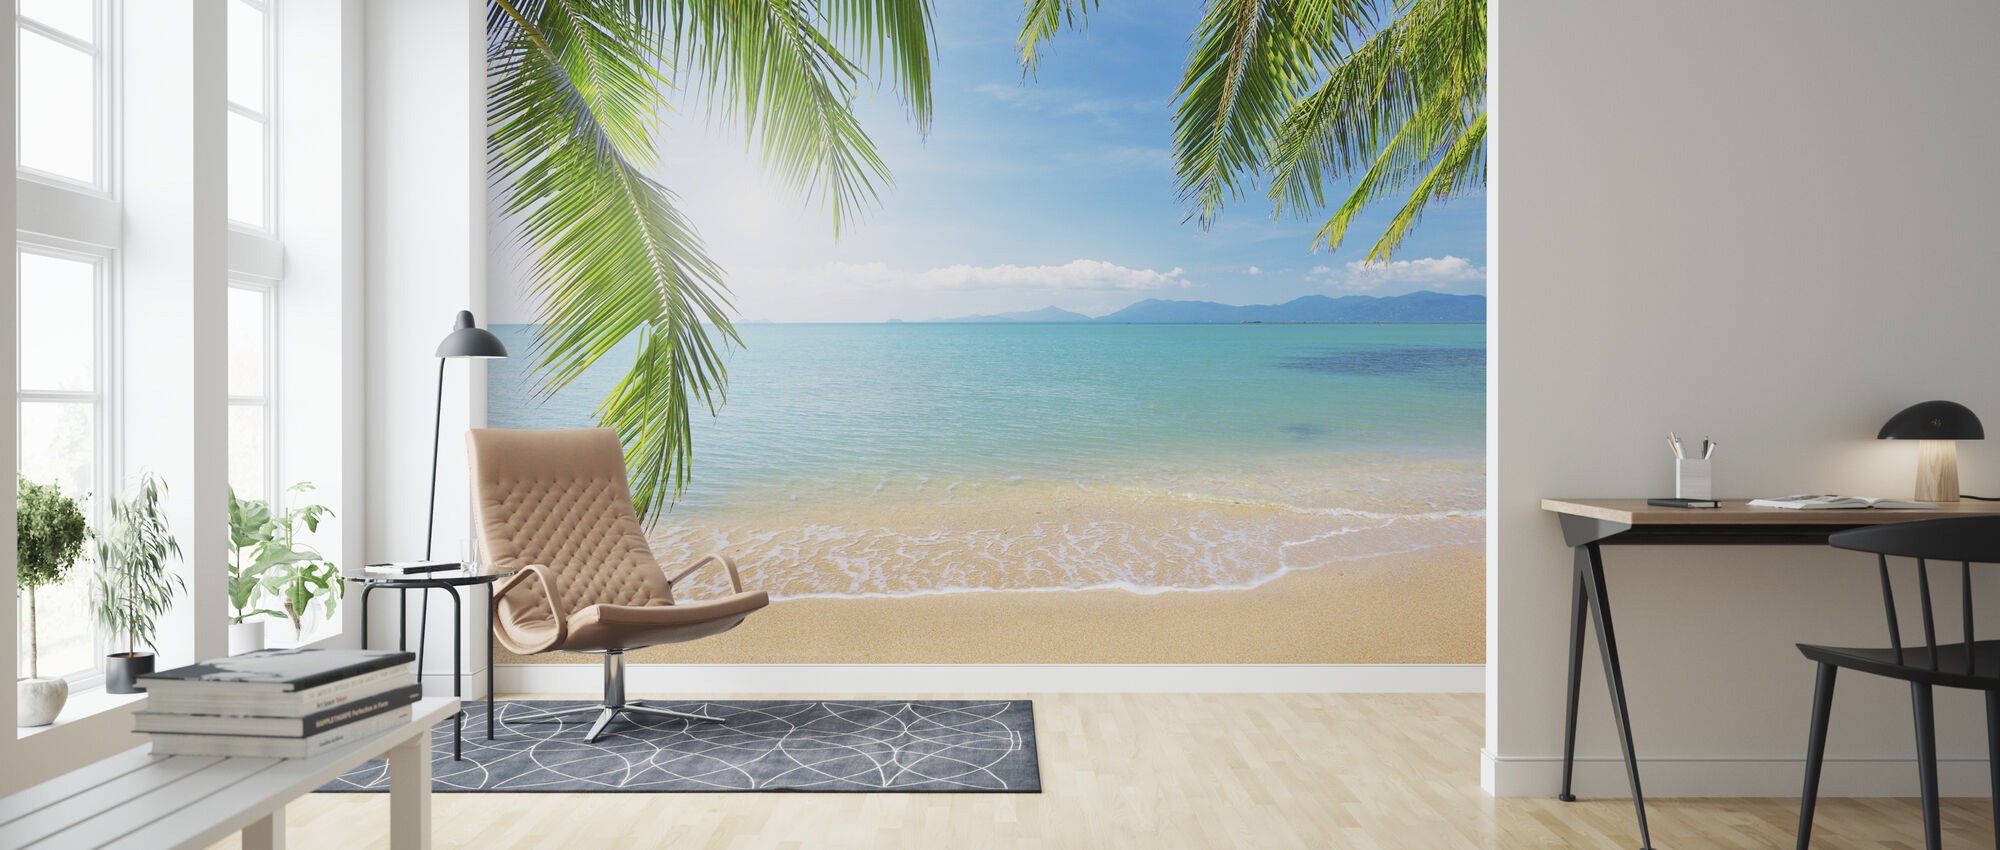 Tropisk utsikt från under ett palmträd - Tapet - Vardagsrum